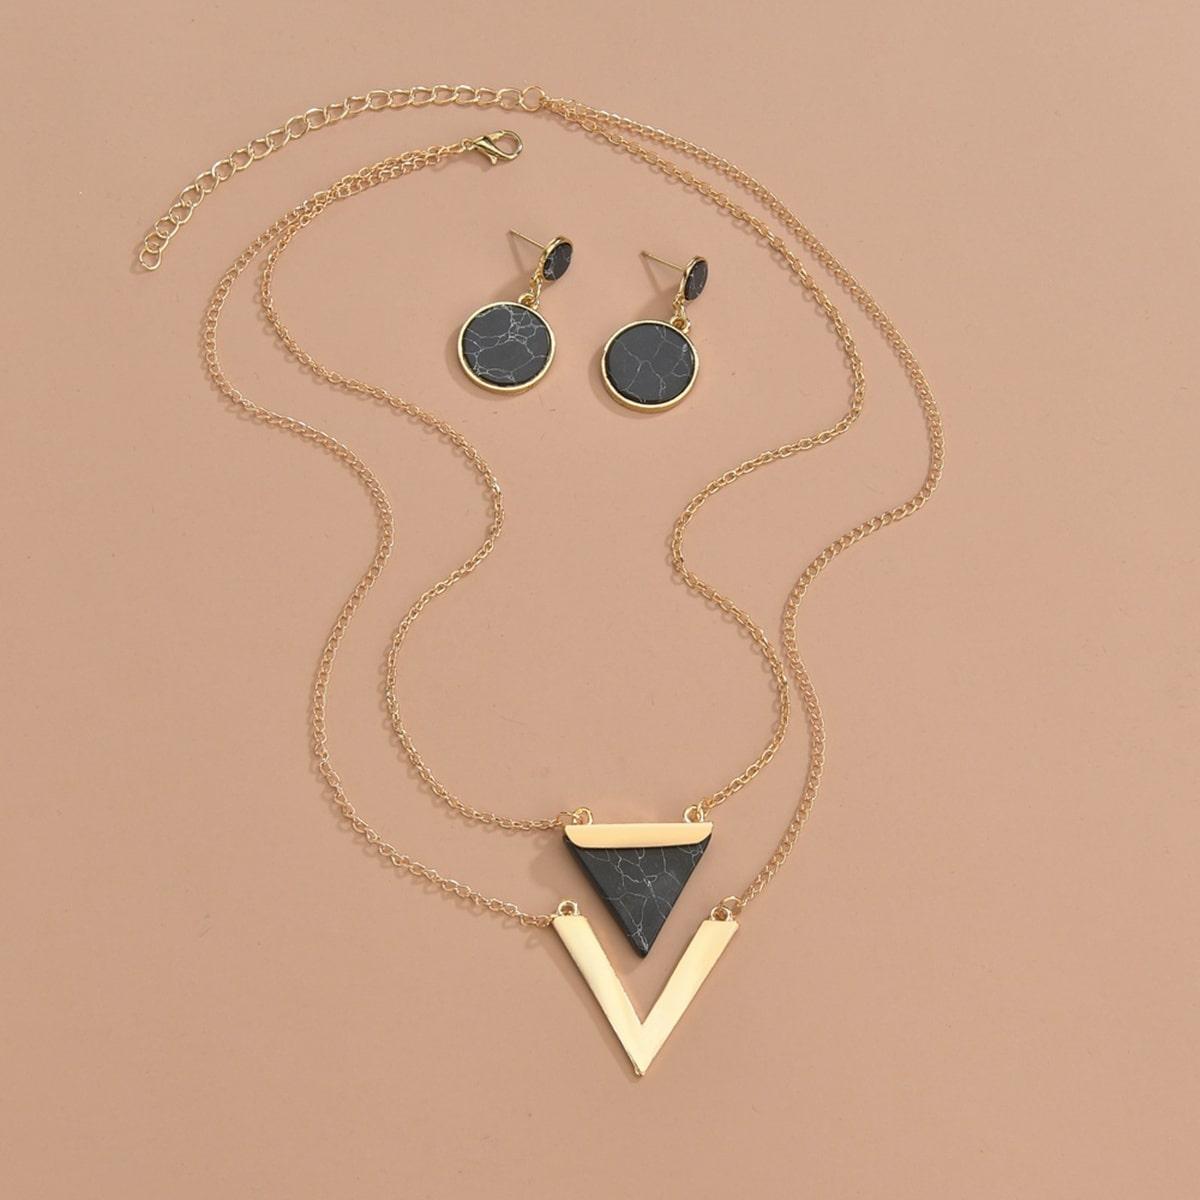 3 Stücke Schmuck Set mit Marmor Muster und geometrischem Dekor